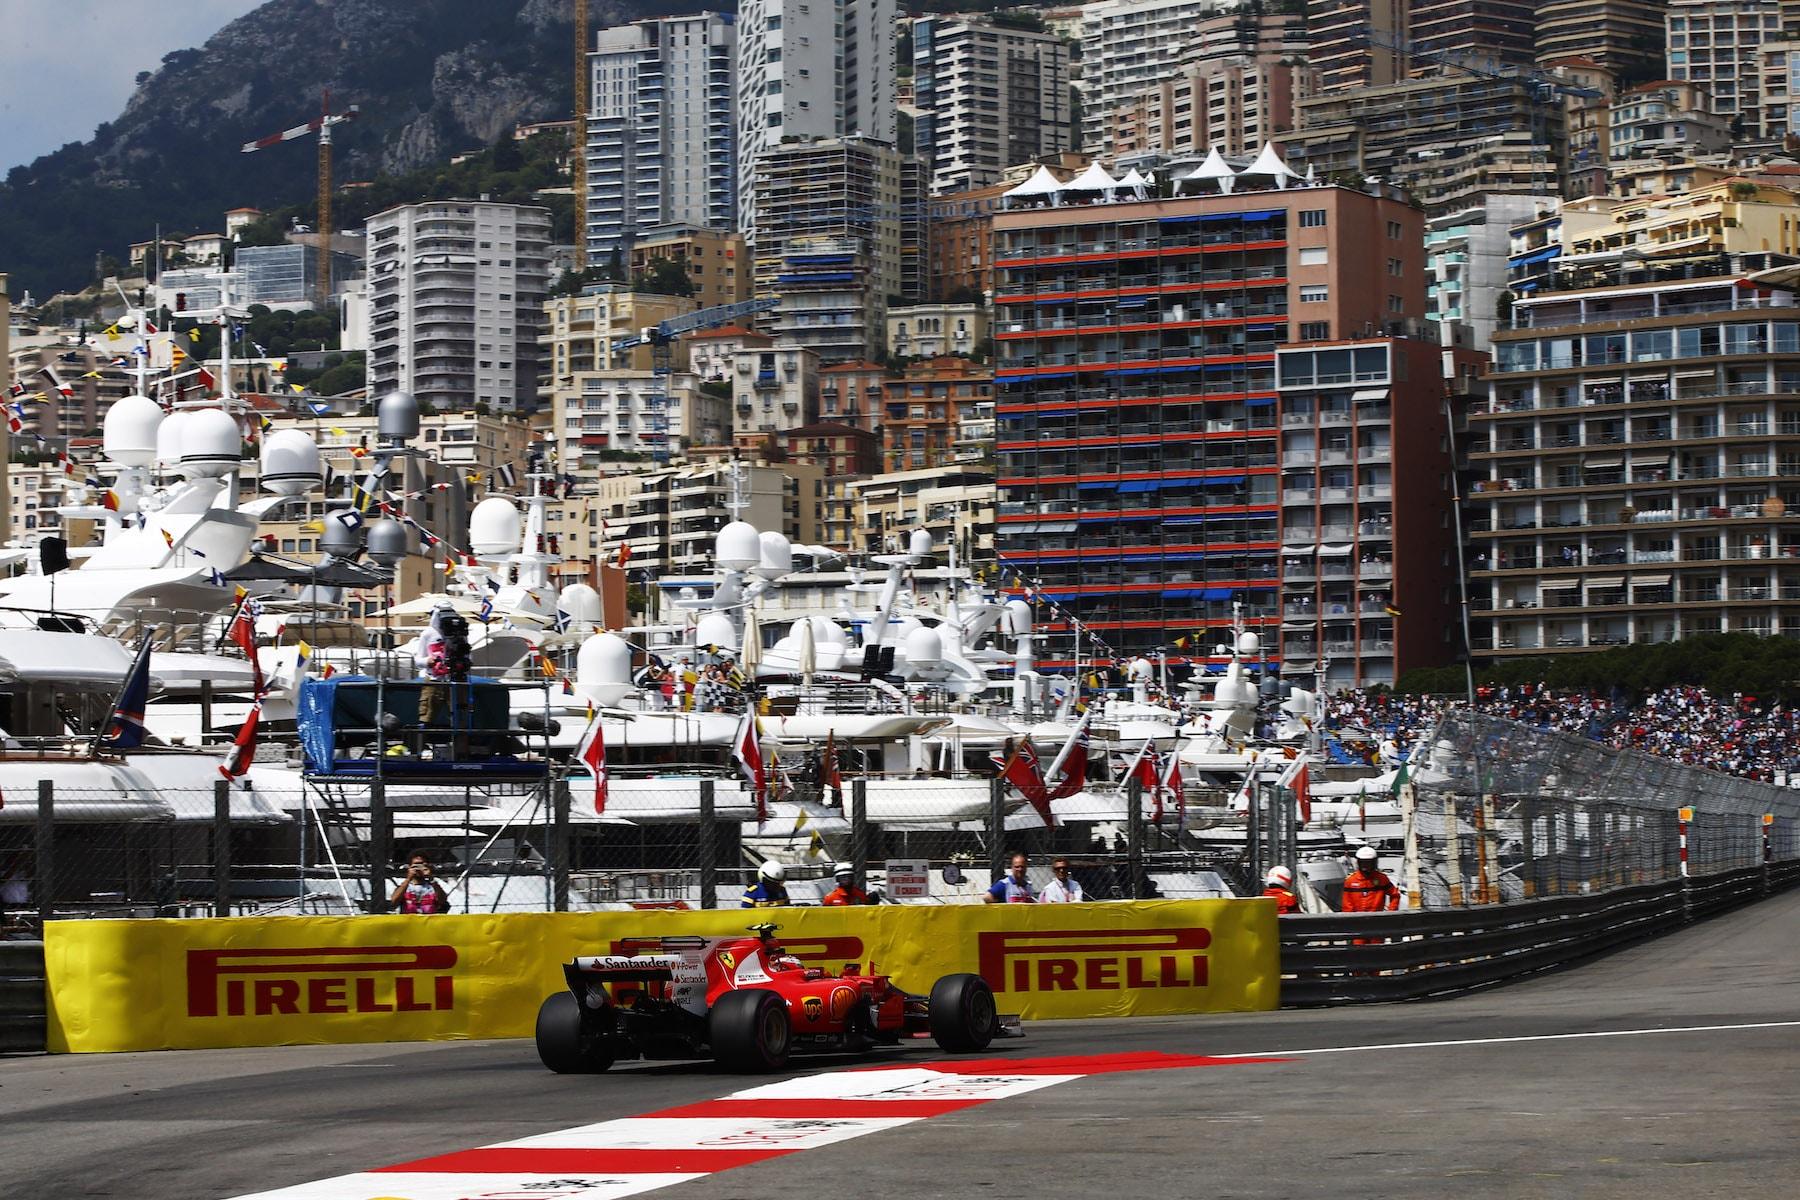 2017 Kimi Raikkonen | Ferrari SF70H | 2017 Monaco GP FP2 1 copy.jpg